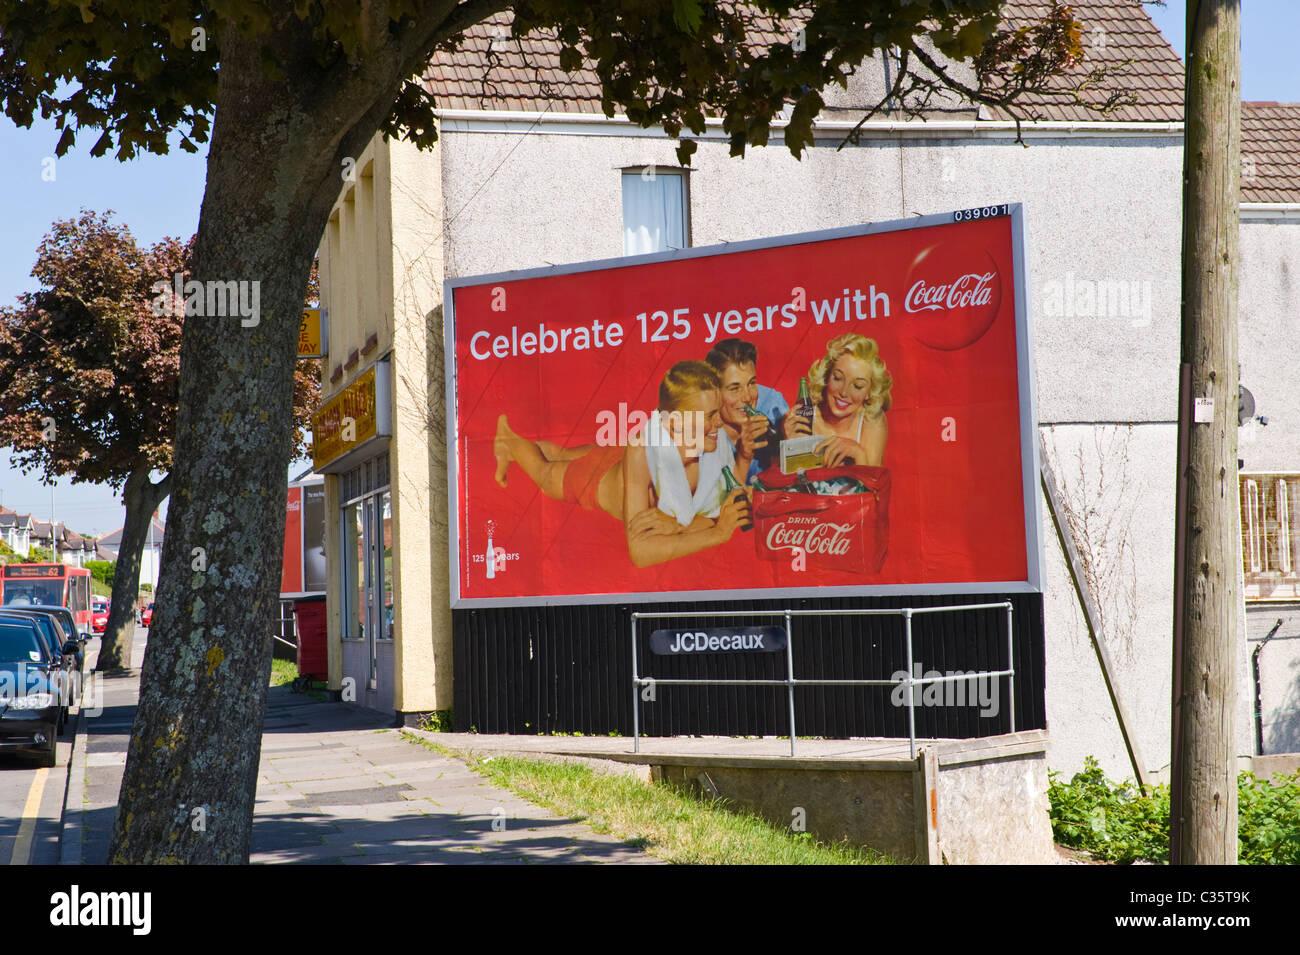 werbung auf reklametafeln jcdecaux site advert feiert 125 jahre coca cola stockfoto bild. Black Bedroom Furniture Sets. Home Design Ideas